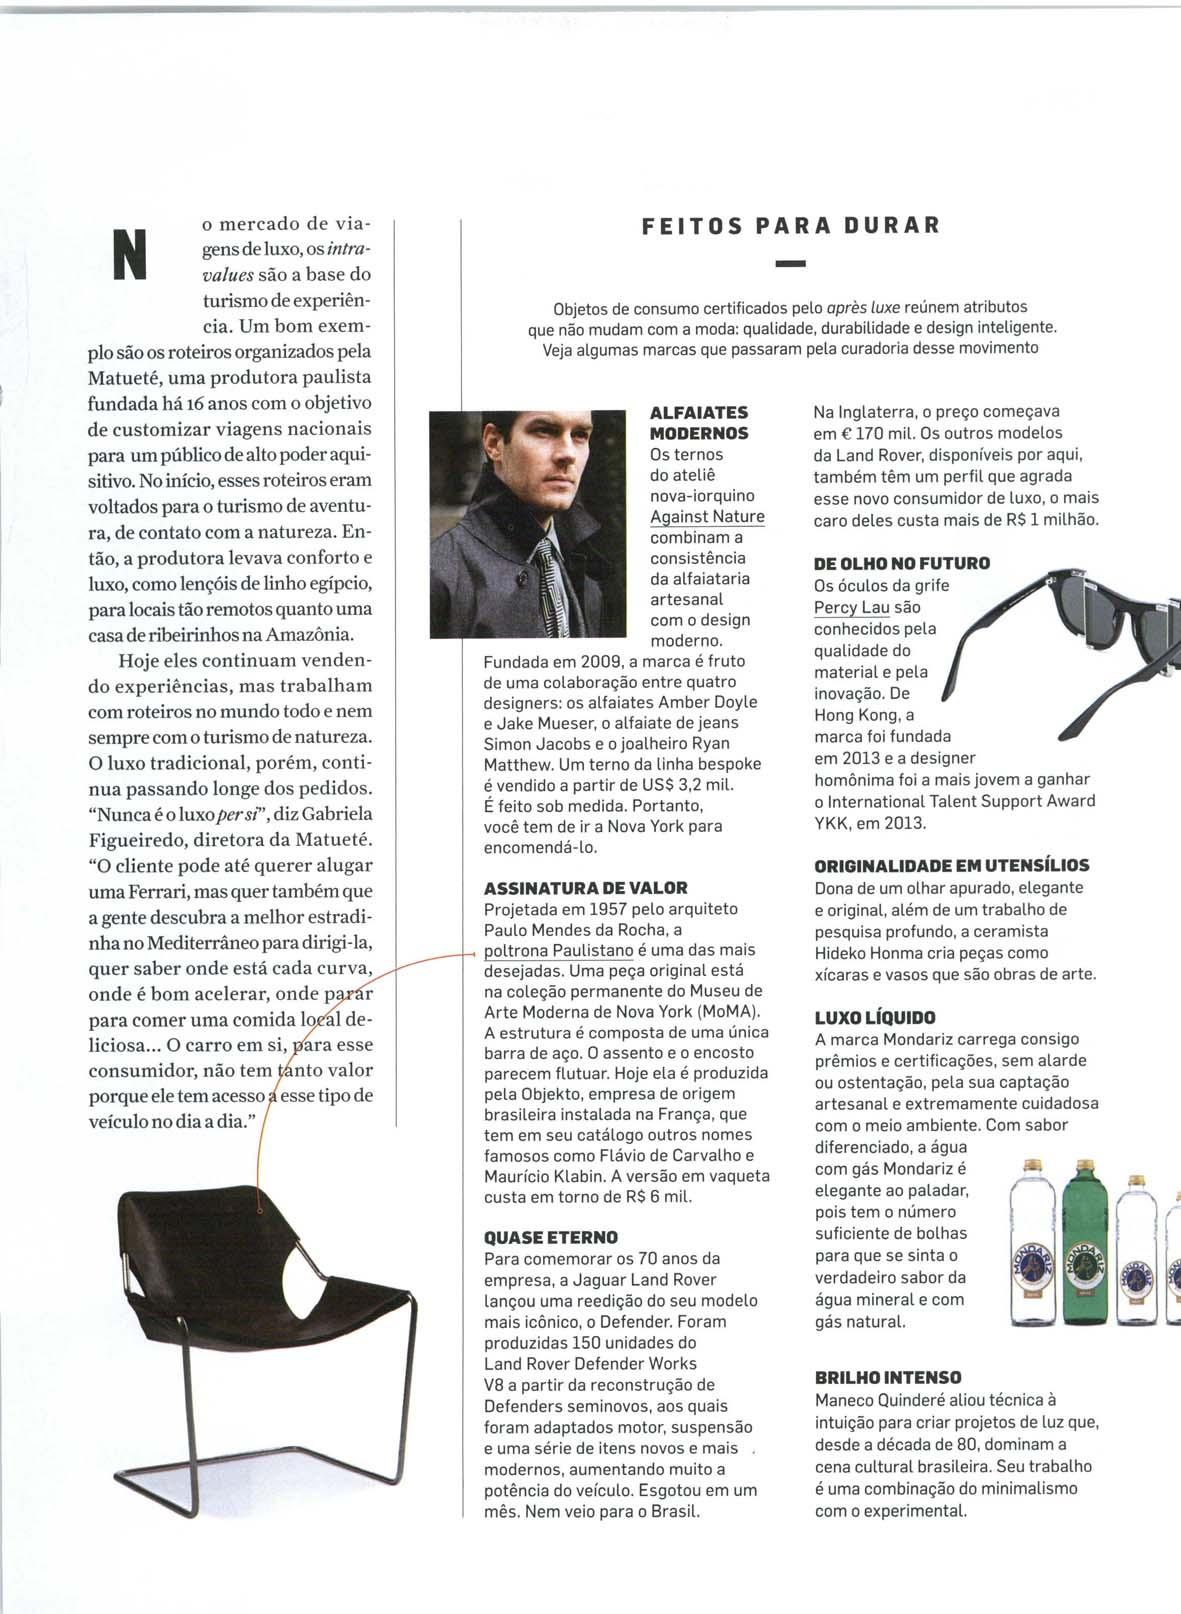 Revista VIP - Fernanda Ralston Semler fala sobre o Pós-Luxo